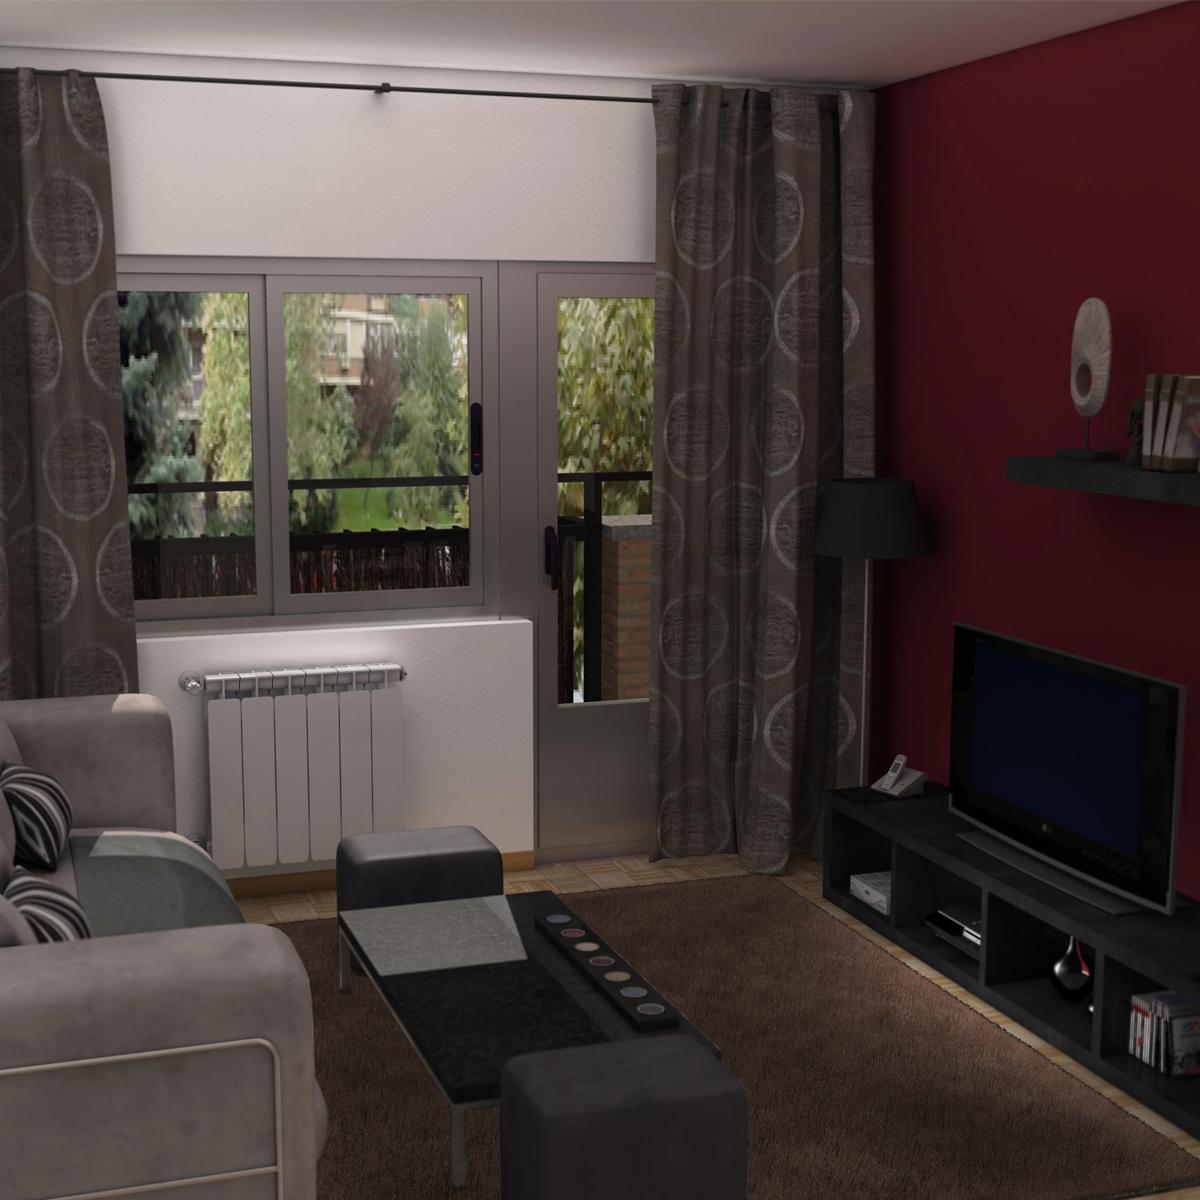 dzīvojamā istaba 3d modelis 3ds max fbx c4d ma mb obj 159603